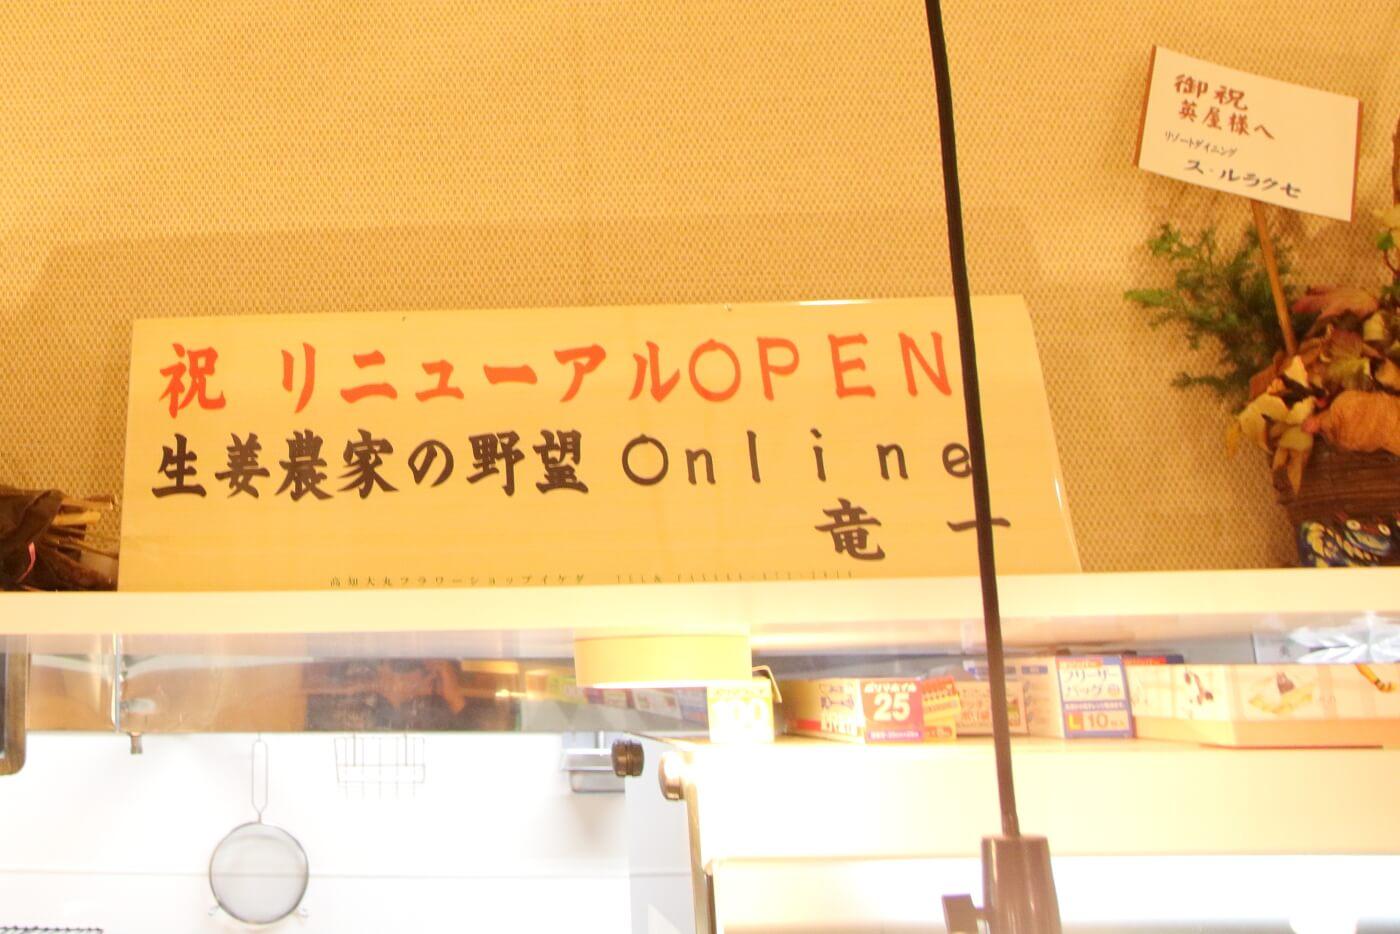 リニューアルオープンした高知市の居酒屋英屋の内観